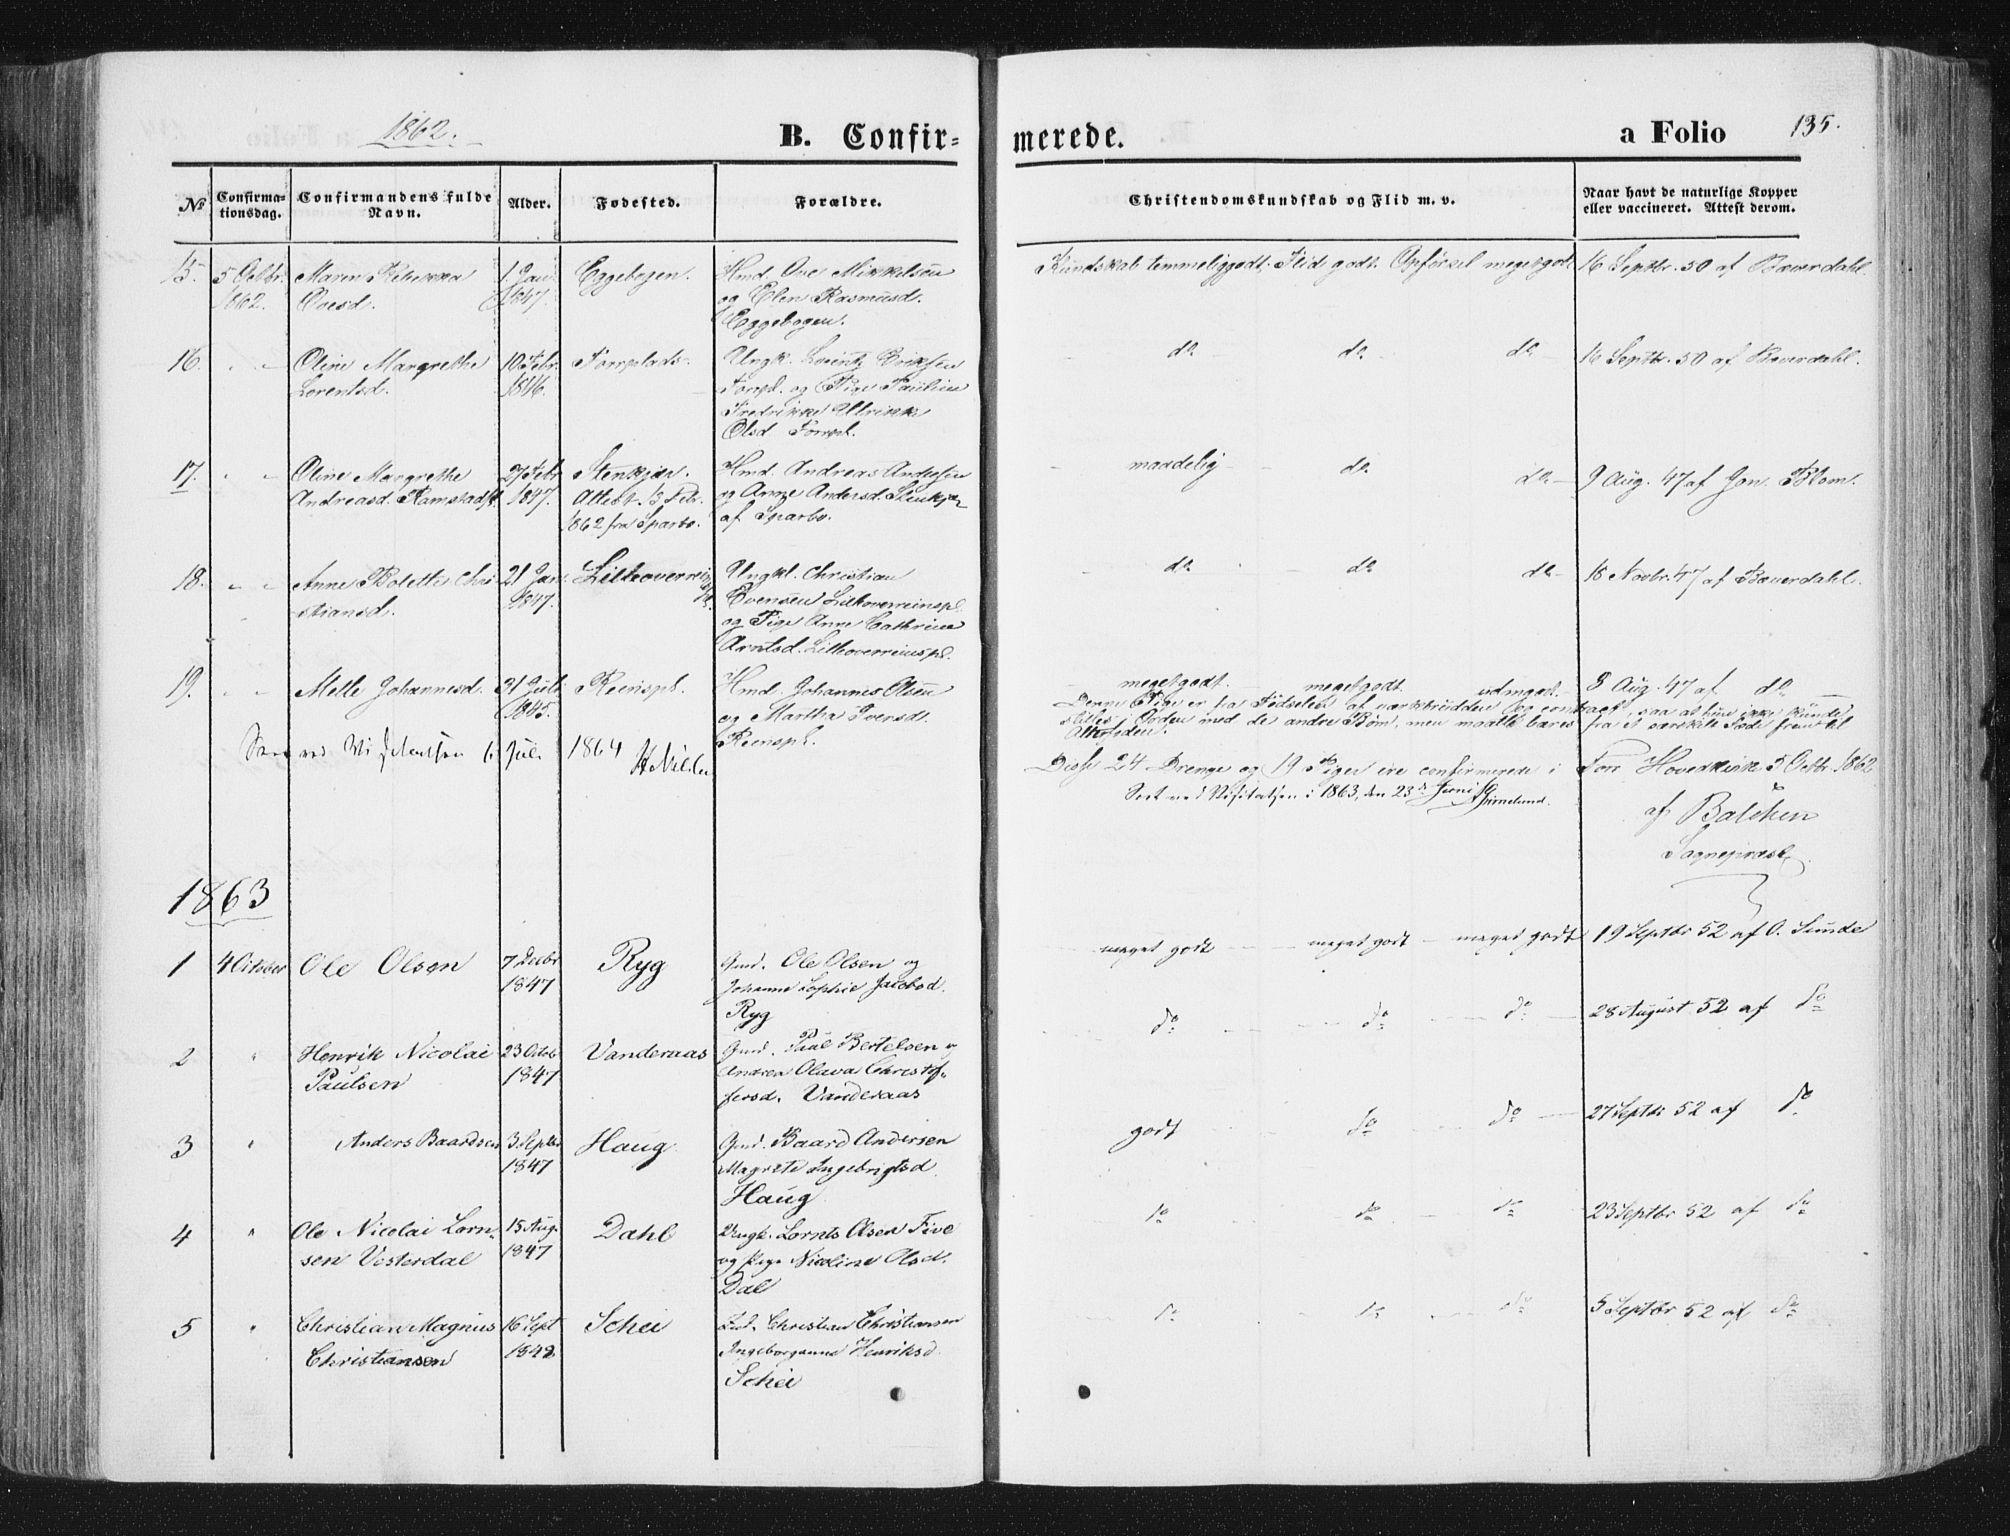 SAT, Ministerialprotokoller, klokkerbøker og fødselsregistre - Nord-Trøndelag, 746/L0447: Ministerialbok nr. 746A06, 1860-1877, s. 135